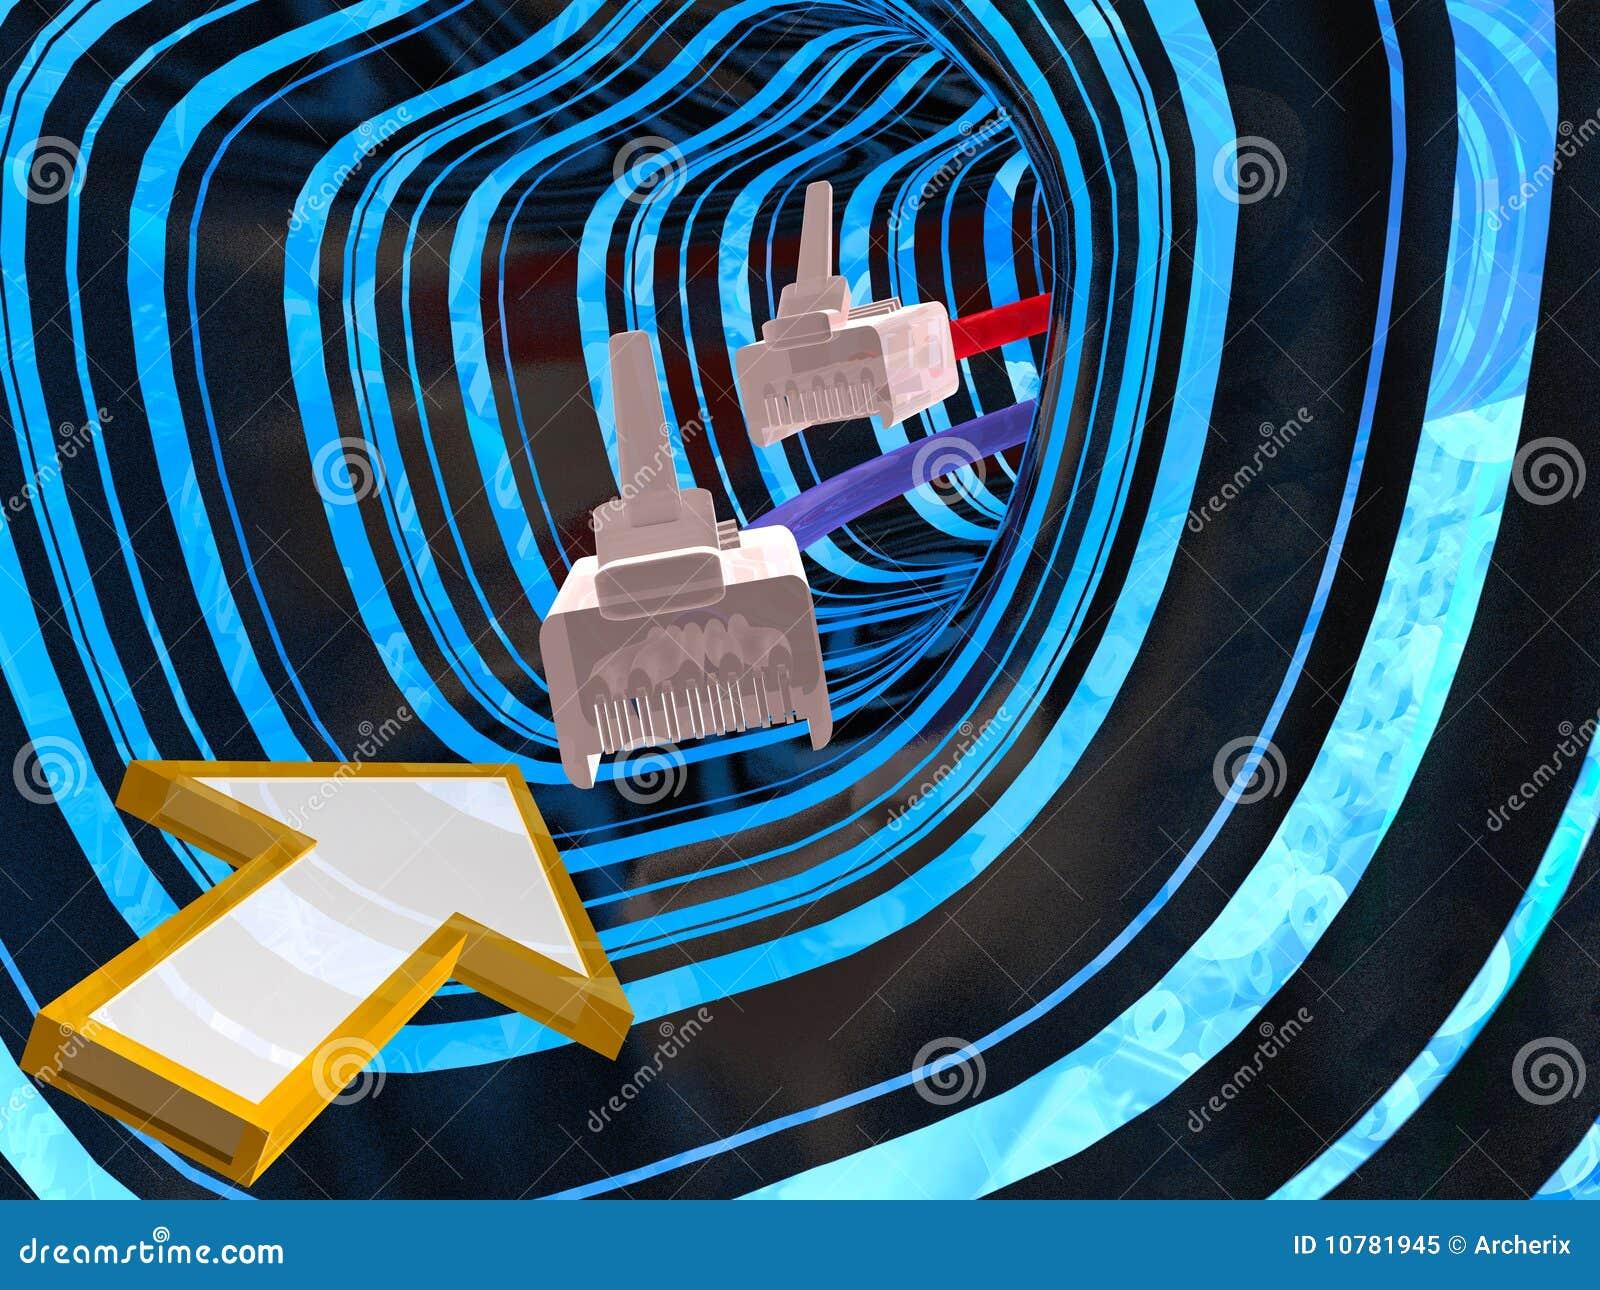 Tunnel, kabels en pijl